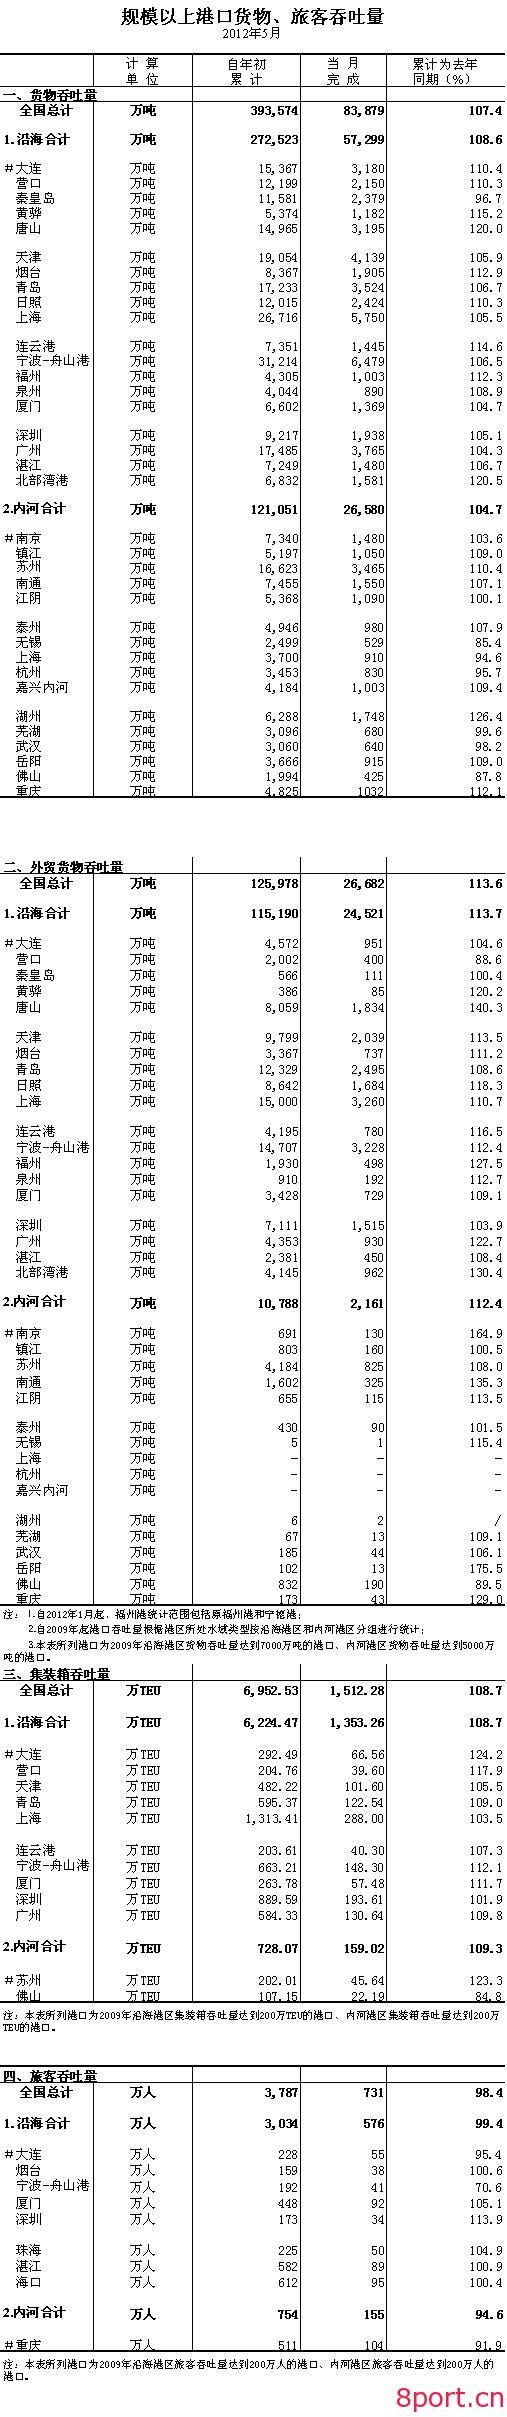 港口数据:2012年5月规模以上港口货物、旅客吞吐量-港口技术安全网